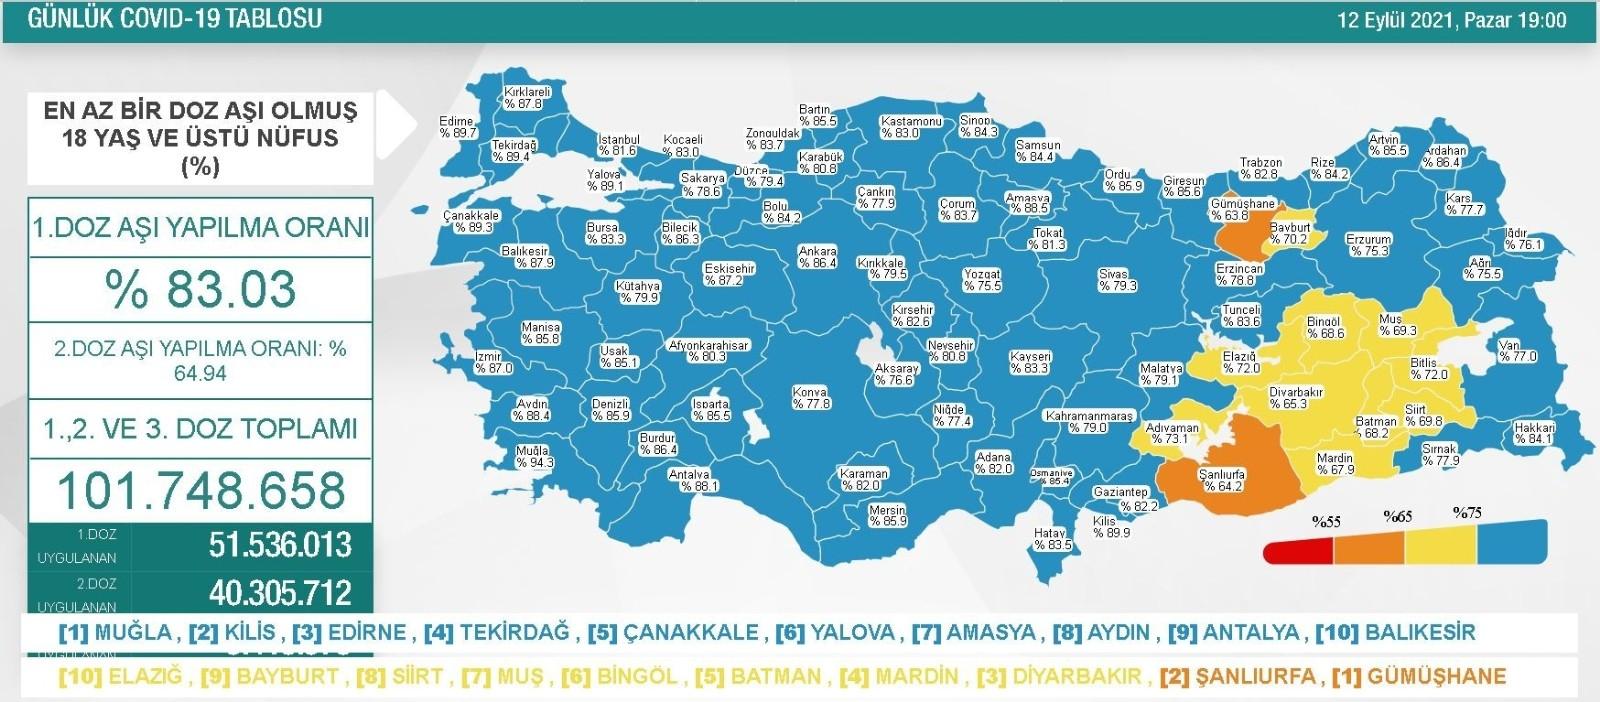 Antalya vaka sayısı en düşük 3'üncü şehir olarak kayıtlara girdi